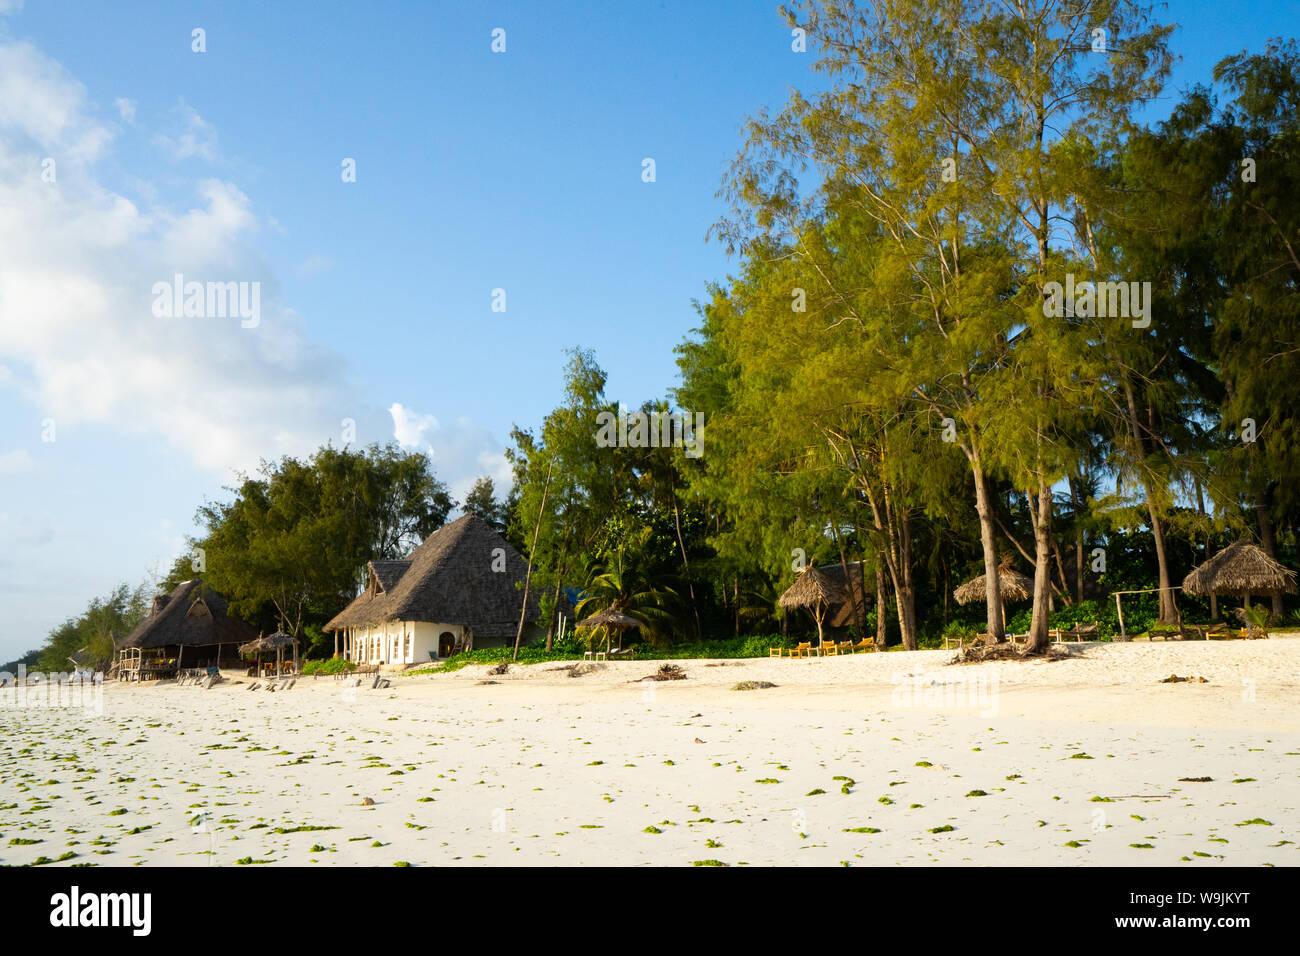 Resort village on the East Coast of Zanzibar Stock Photo